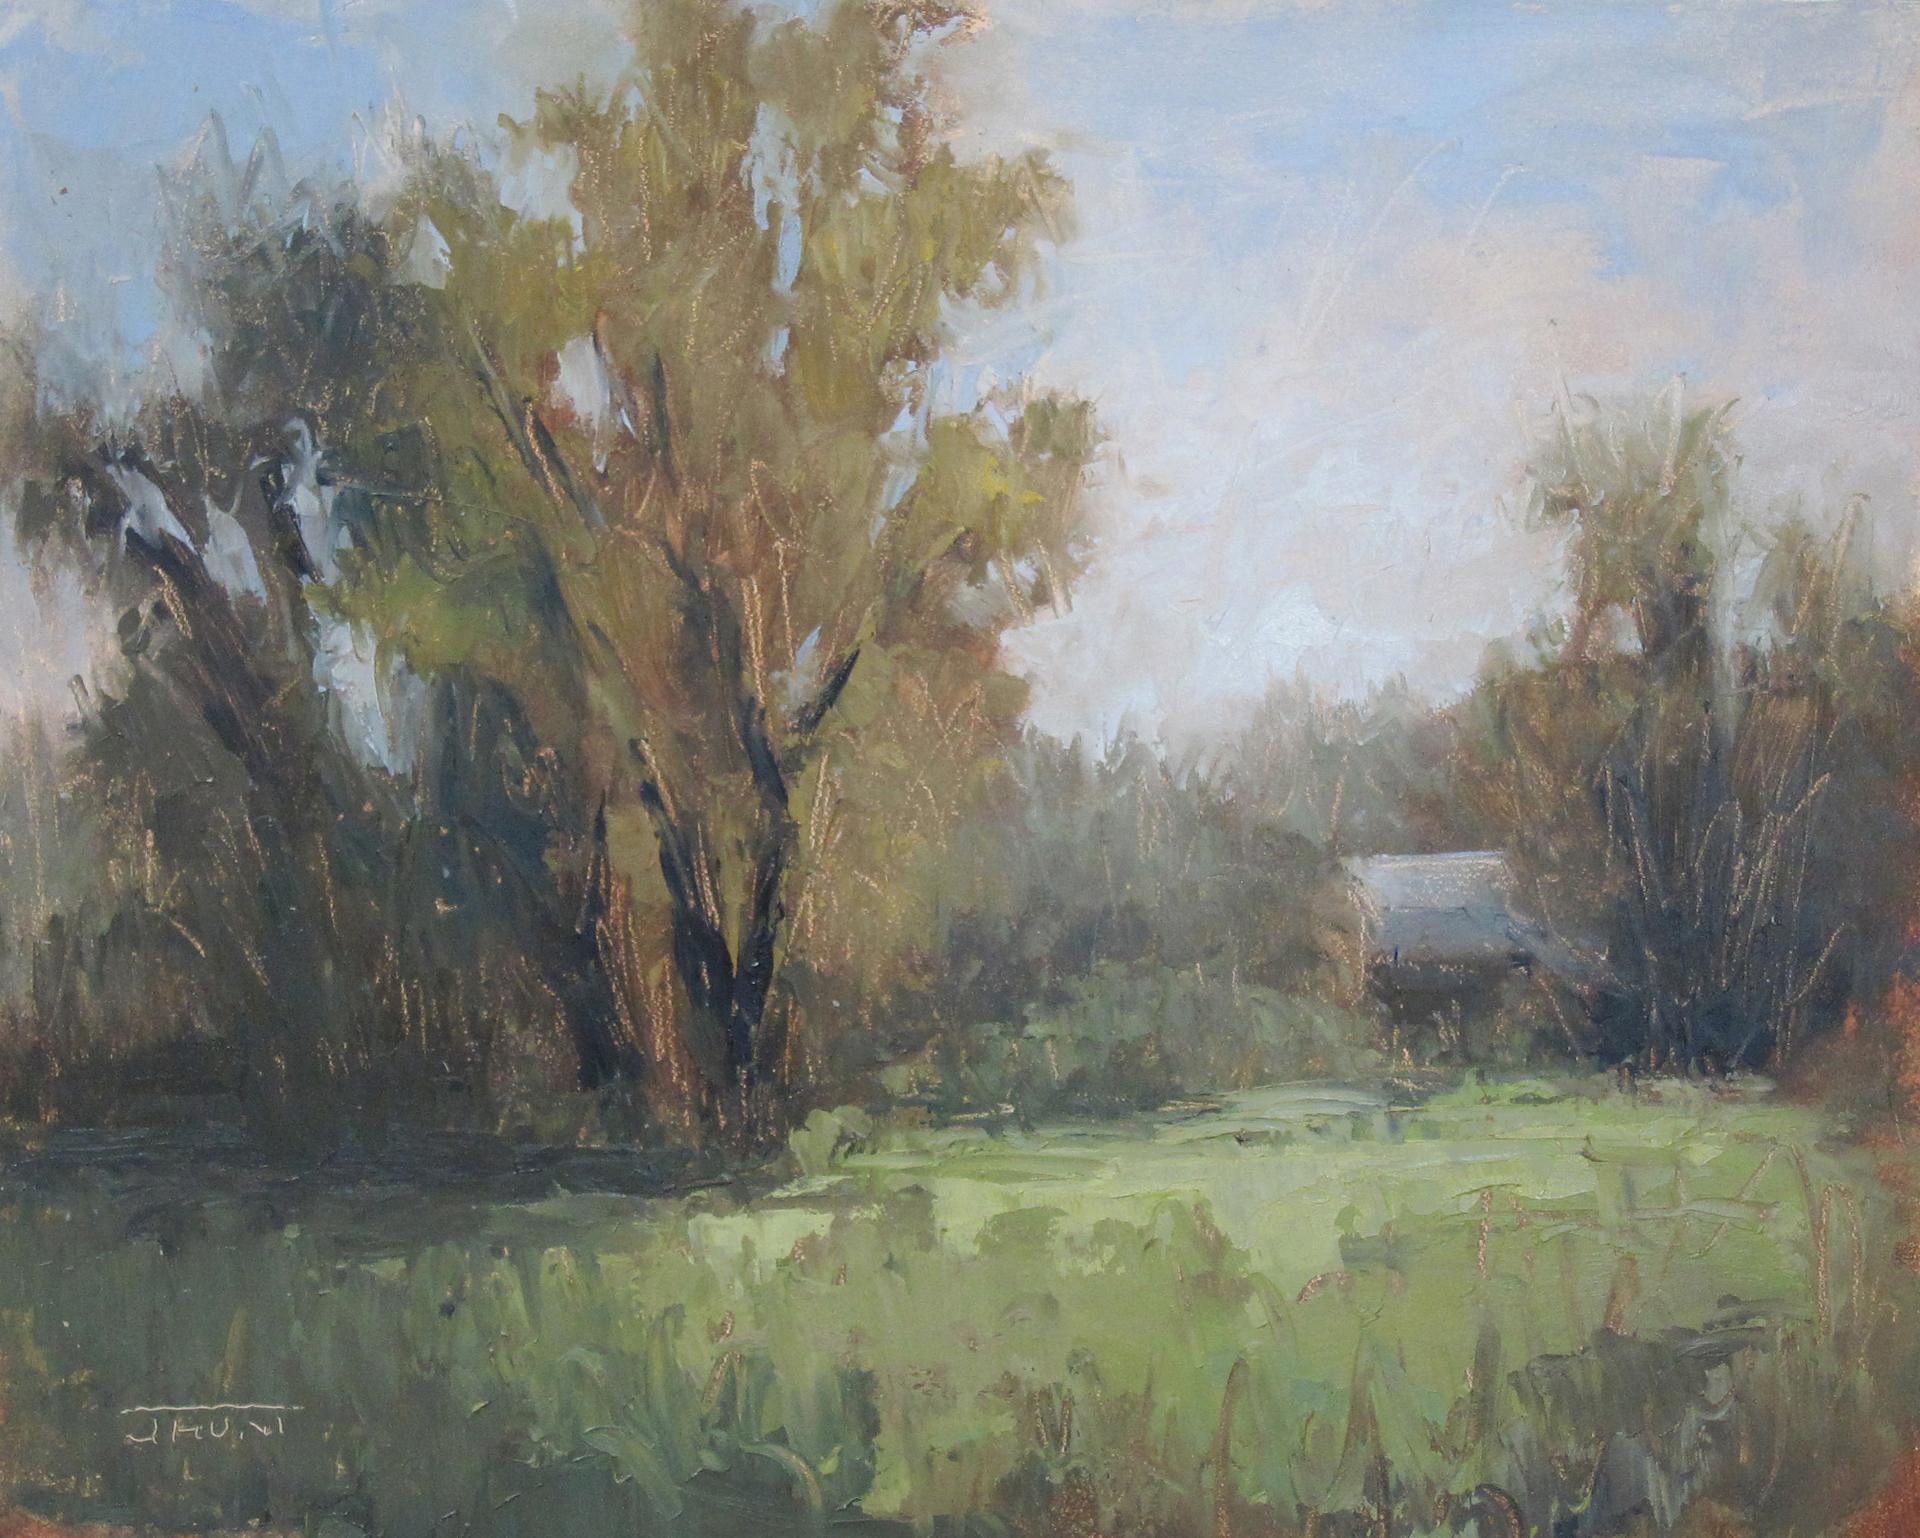 Near Walden Pond by Jane Hunt